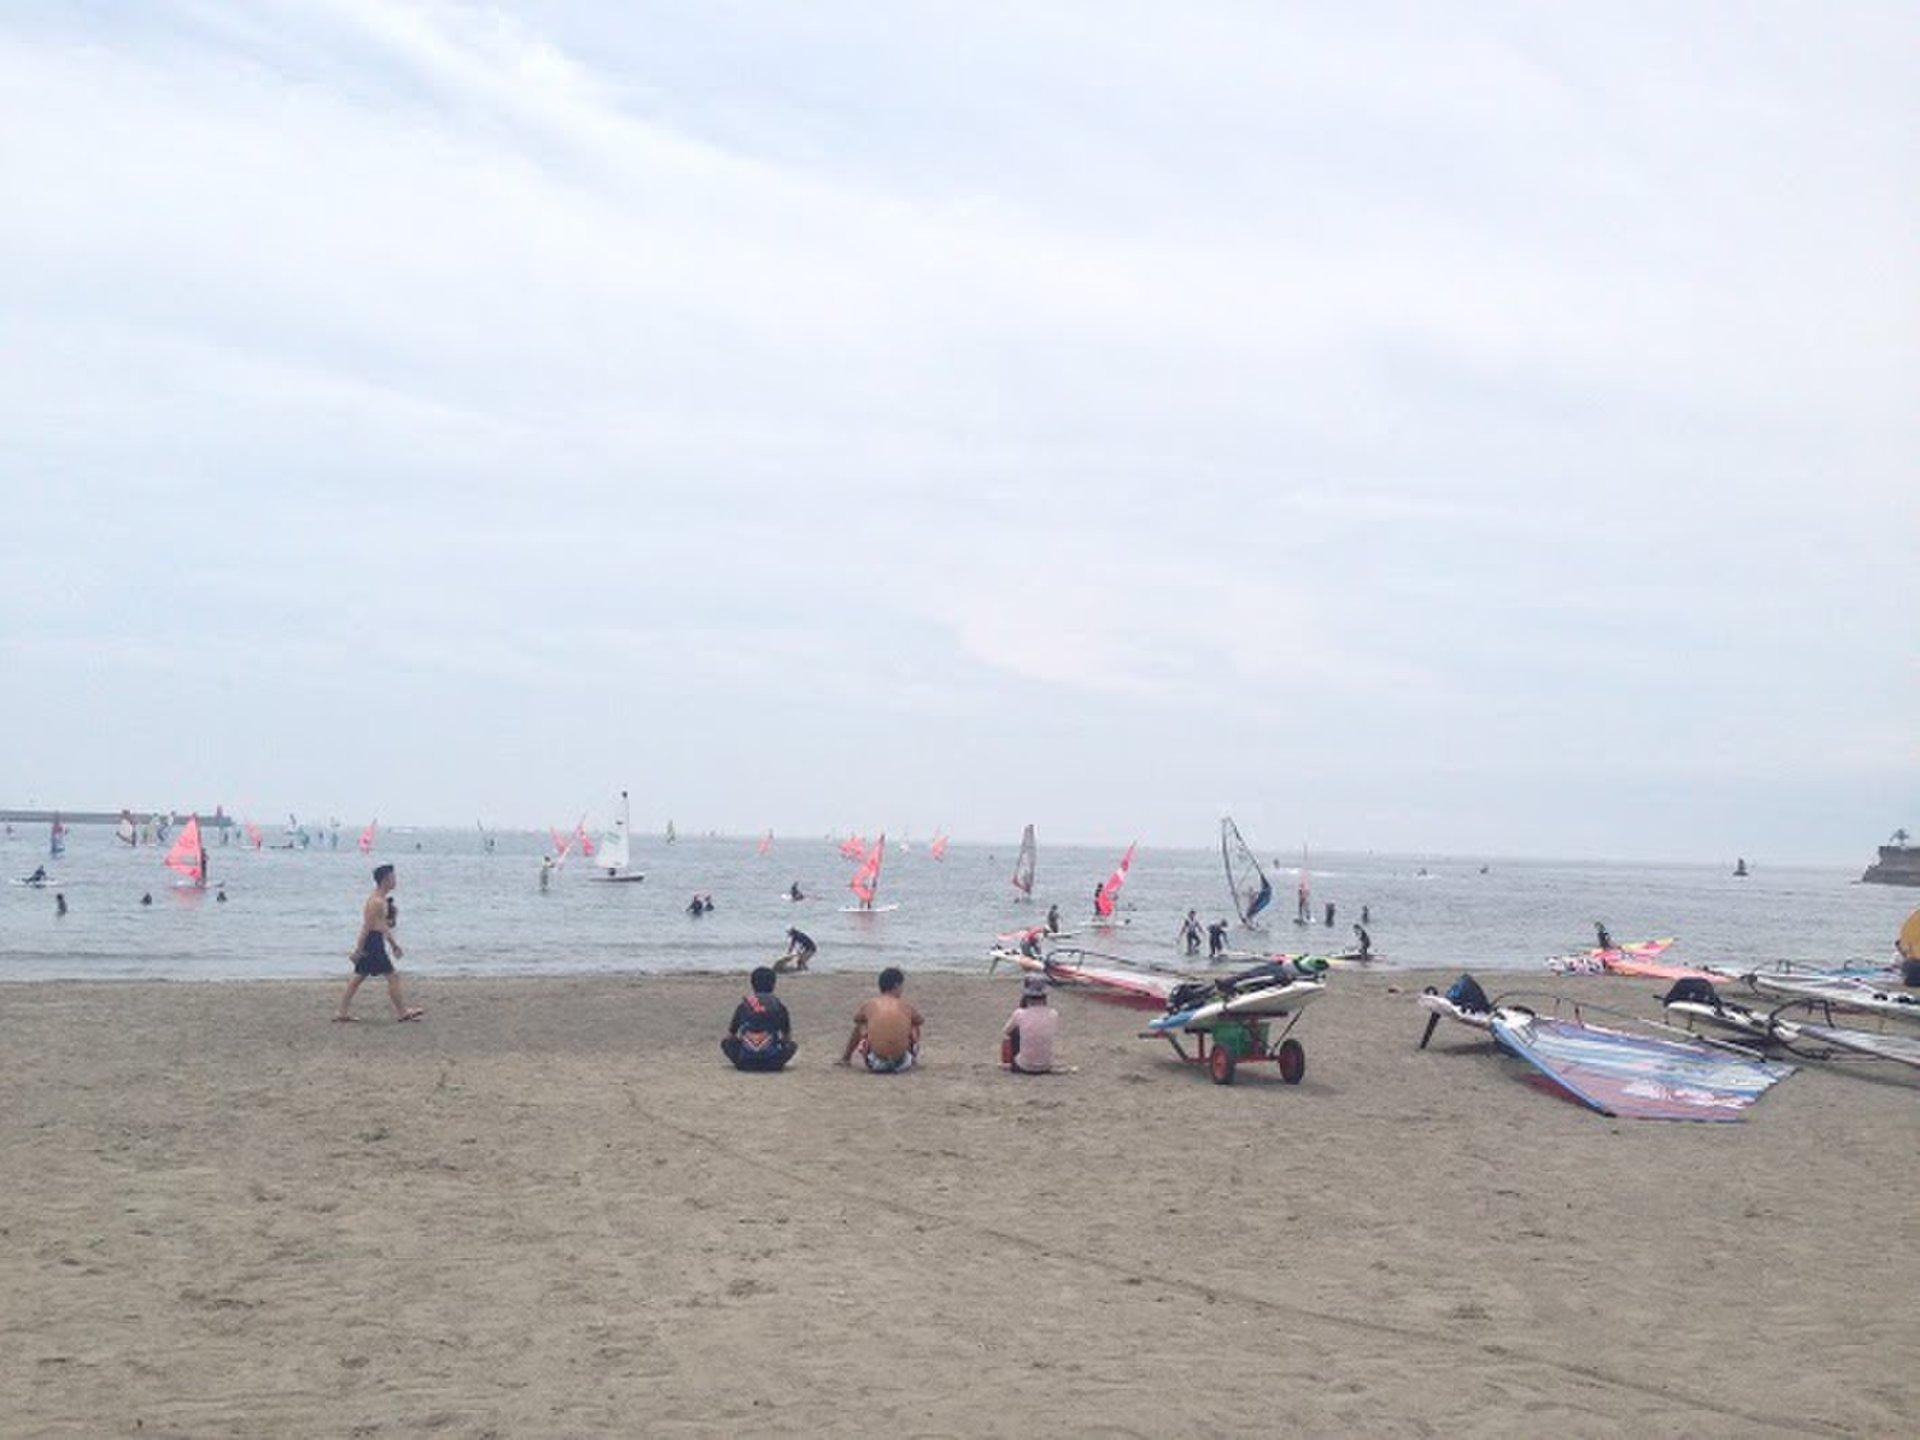 夏の海水浴場!今年の海は逗子の海水浴場があつい!混まなくて静かでのんびり過ごせる!